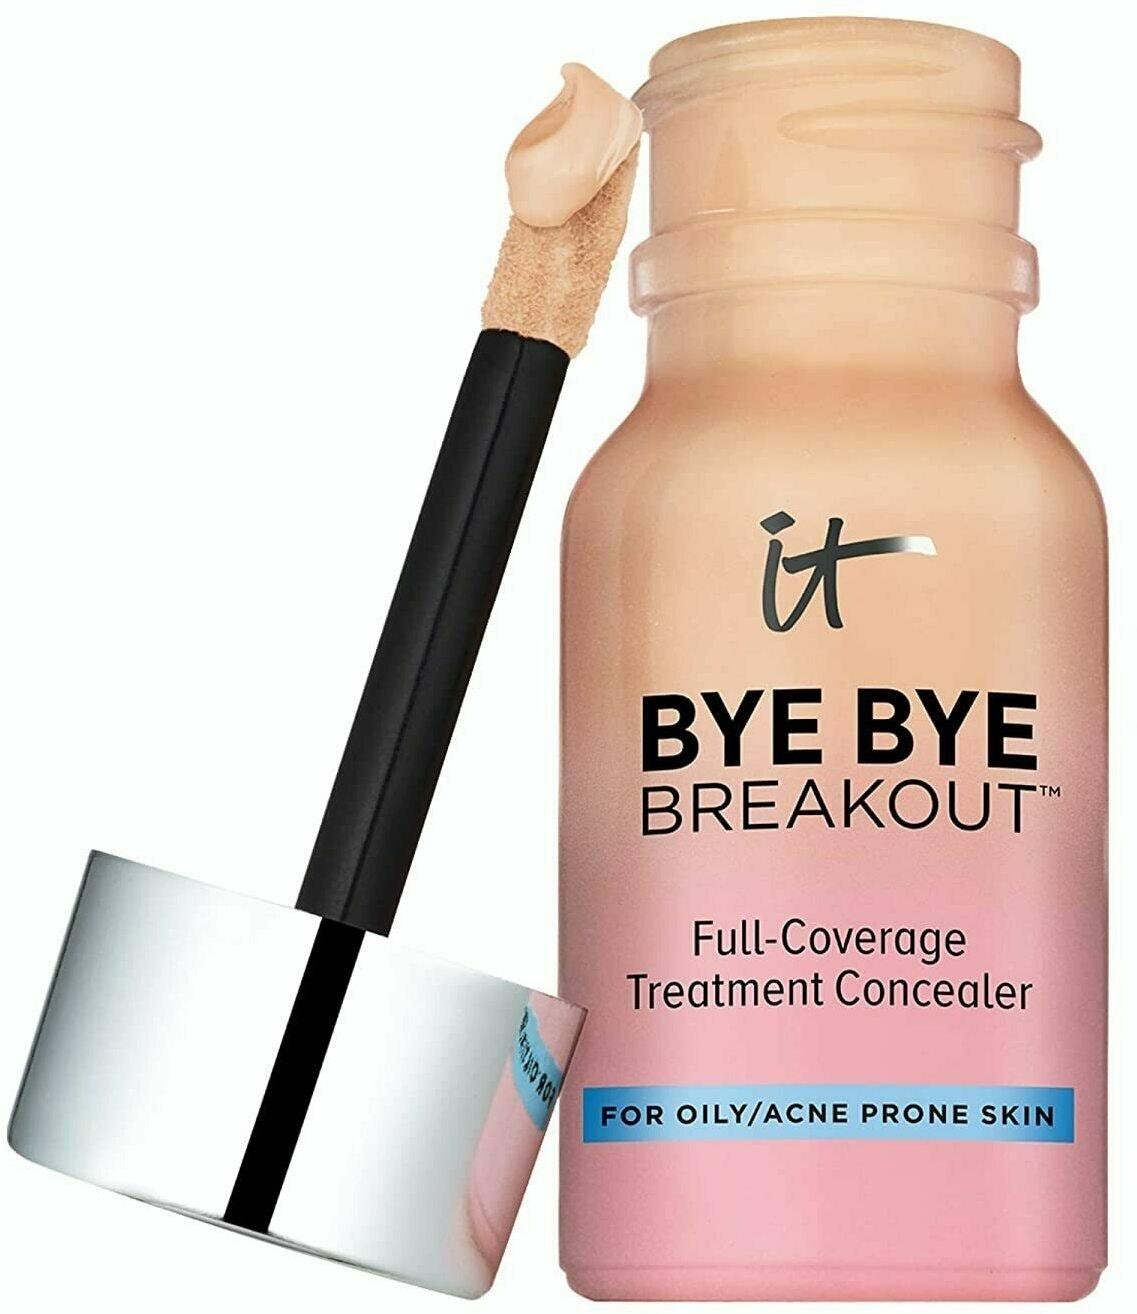 It Bye Bye Breakout Concealer